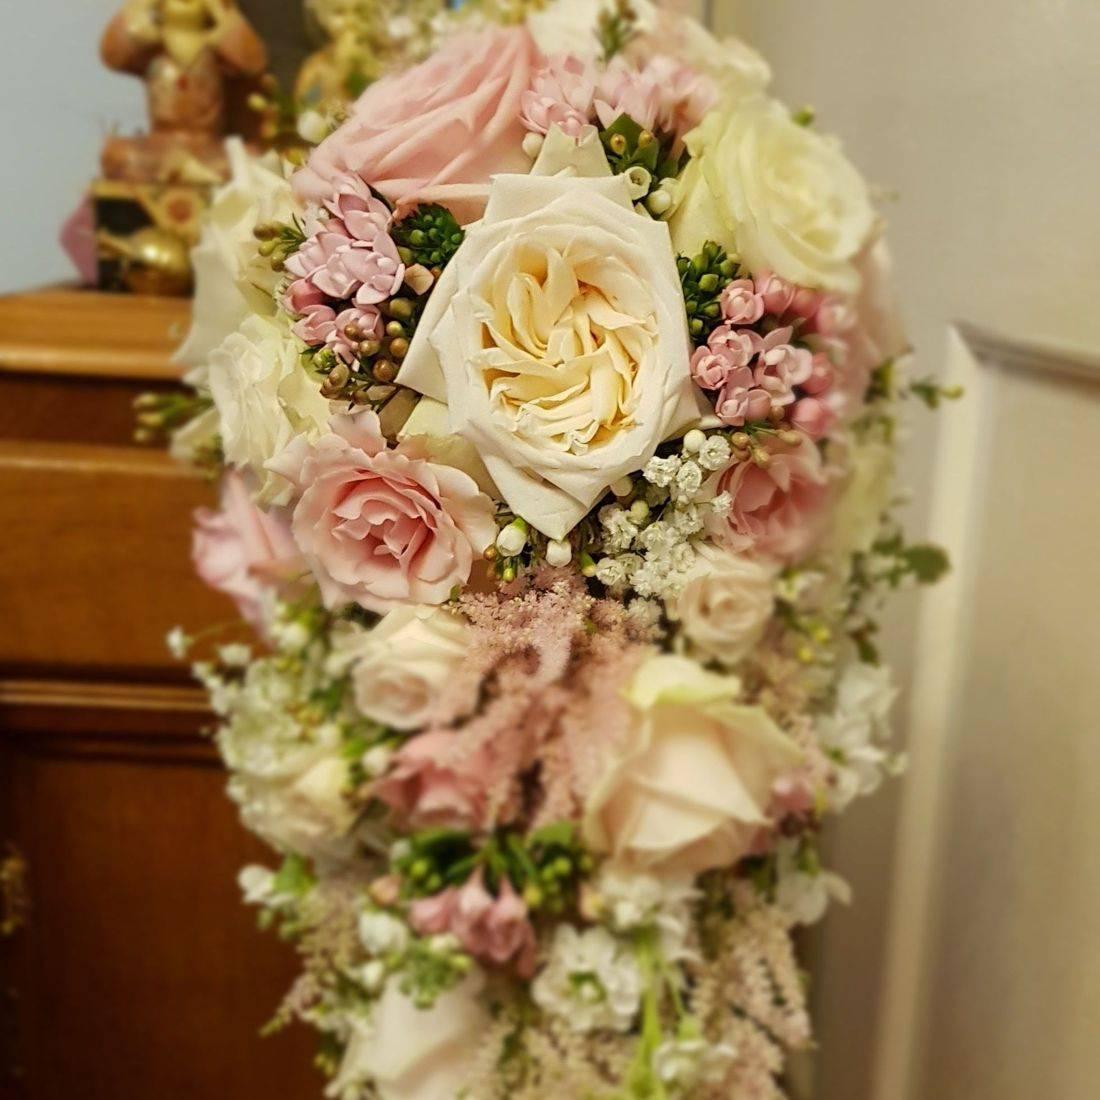 Bridle bouquet